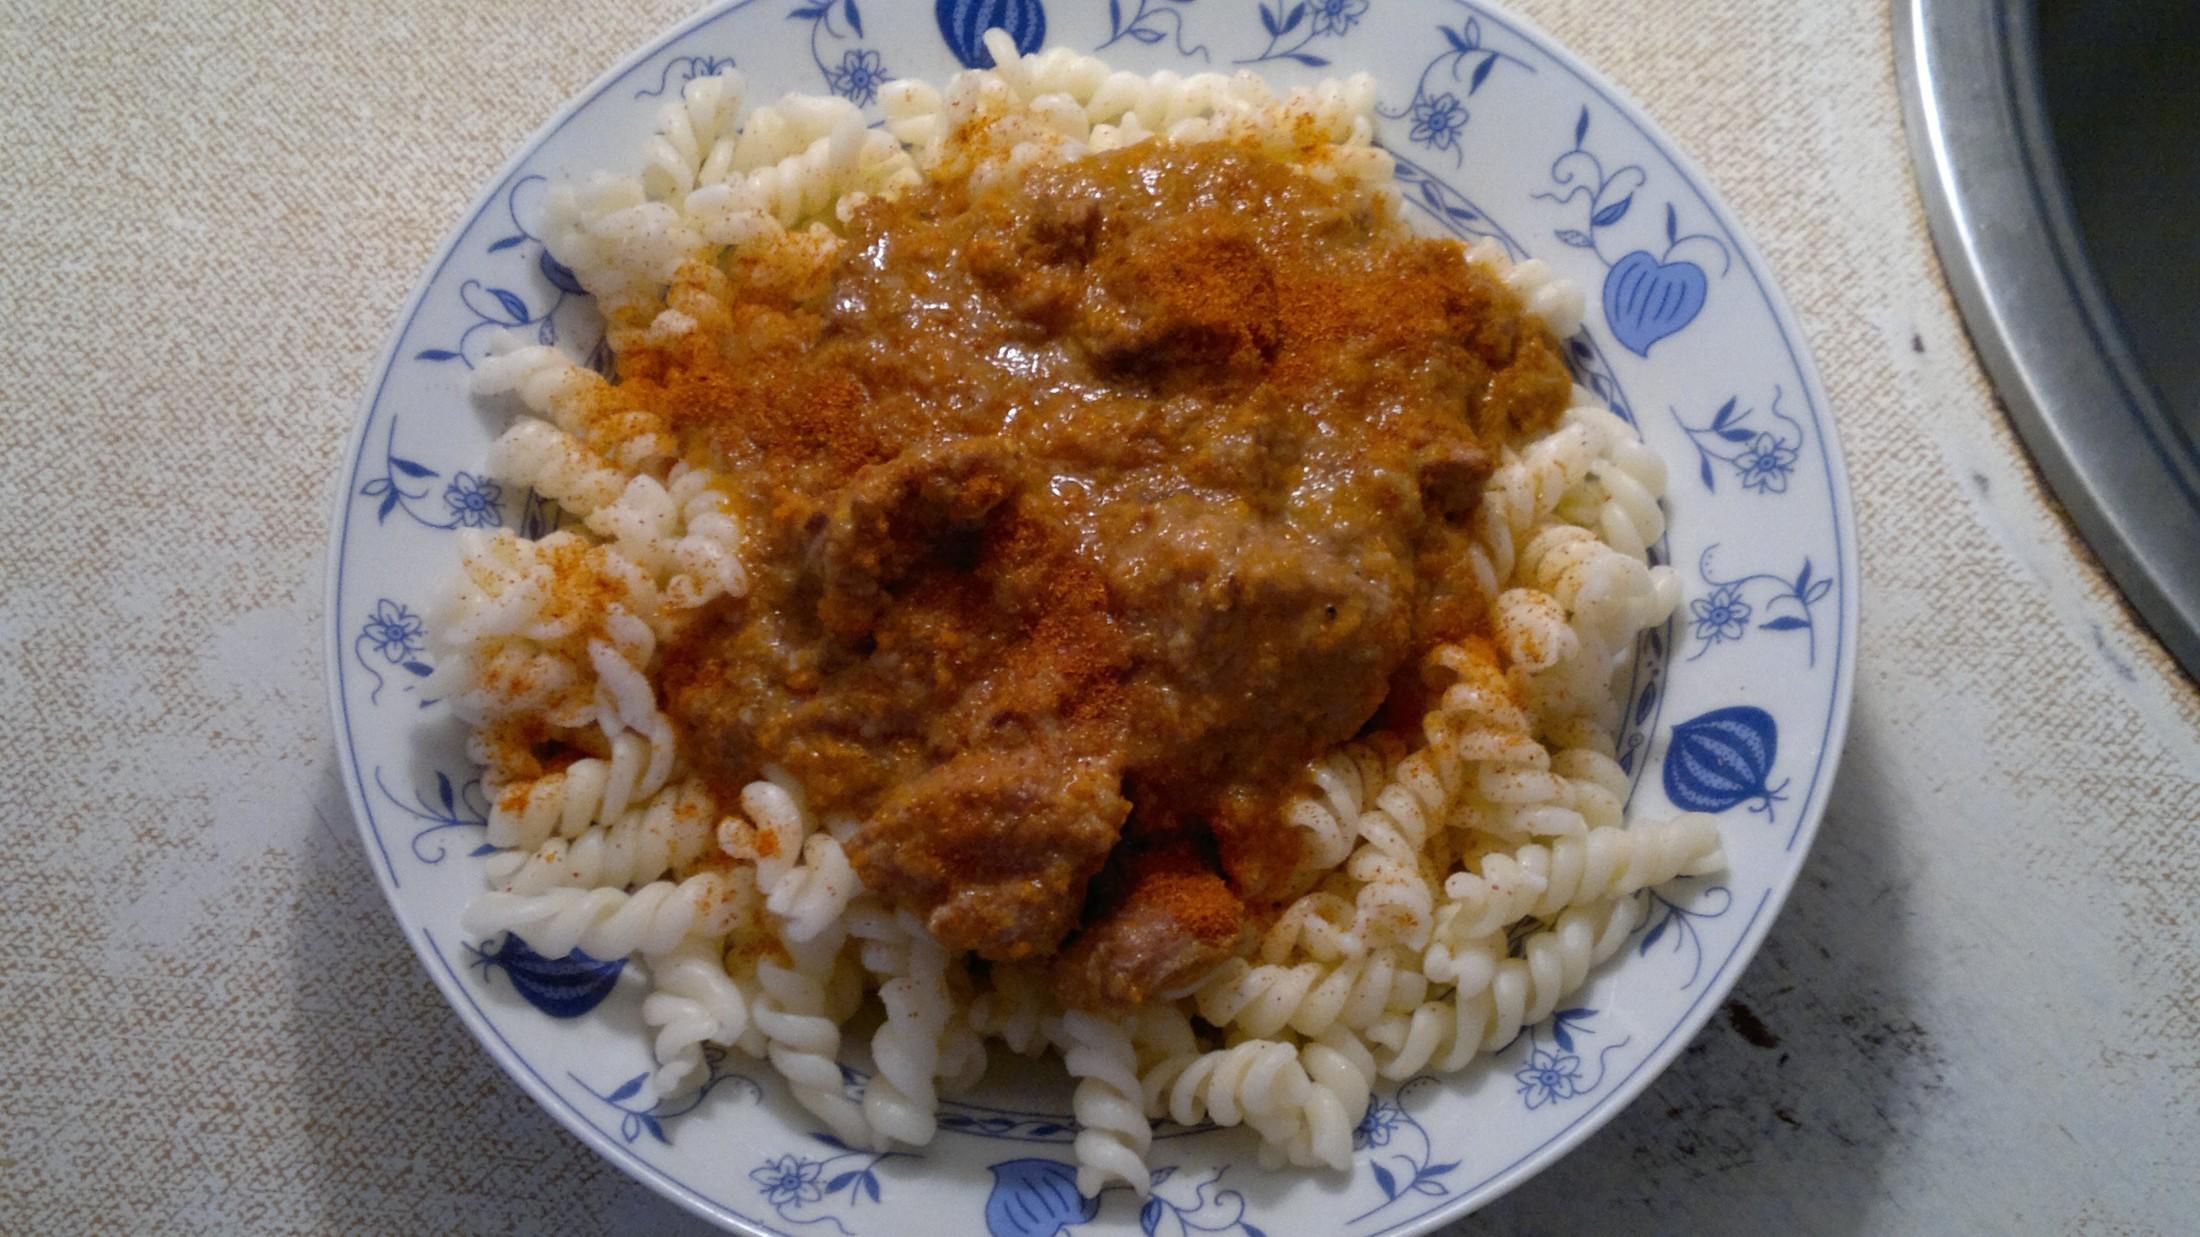 Recept Vepřový gulášek - Vepřový gulášek zahuštěný chlebem a přiostřený chilli papričkami - sušenými a rozemletými. Gulášek podáváme s vrtulemi